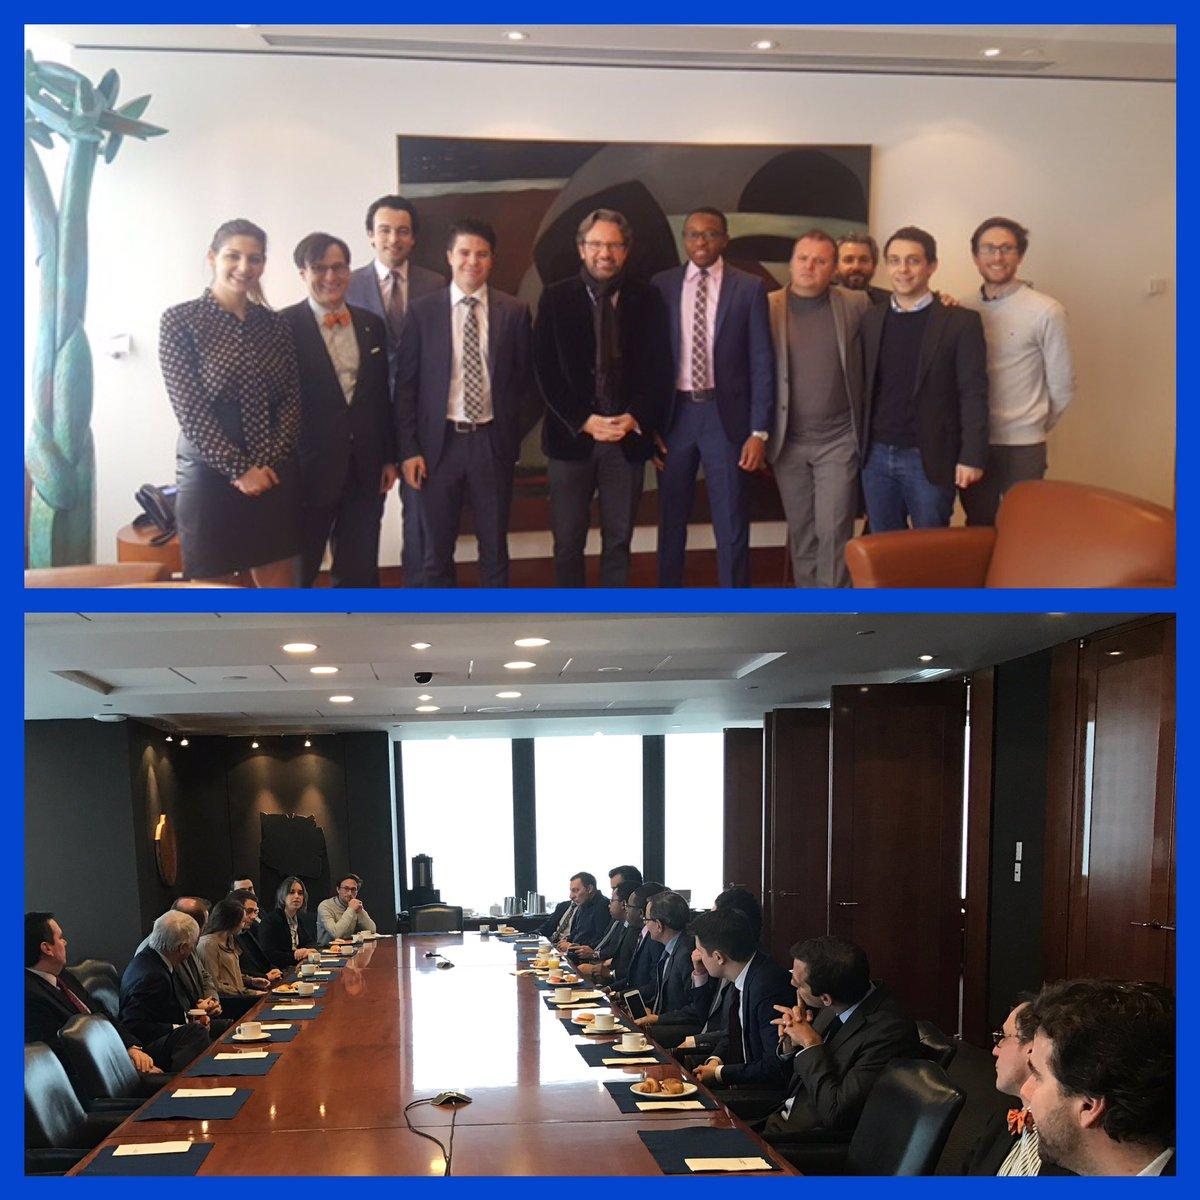 Rencontre avec chefs d&#39;entreprises Français,avocats &amp;étudiants sur #CETA &amp;la coopération #France #Quebec  Une chance réciproque ! #Montreal<br>http://pic.twitter.com/HSPYb9E9Bq